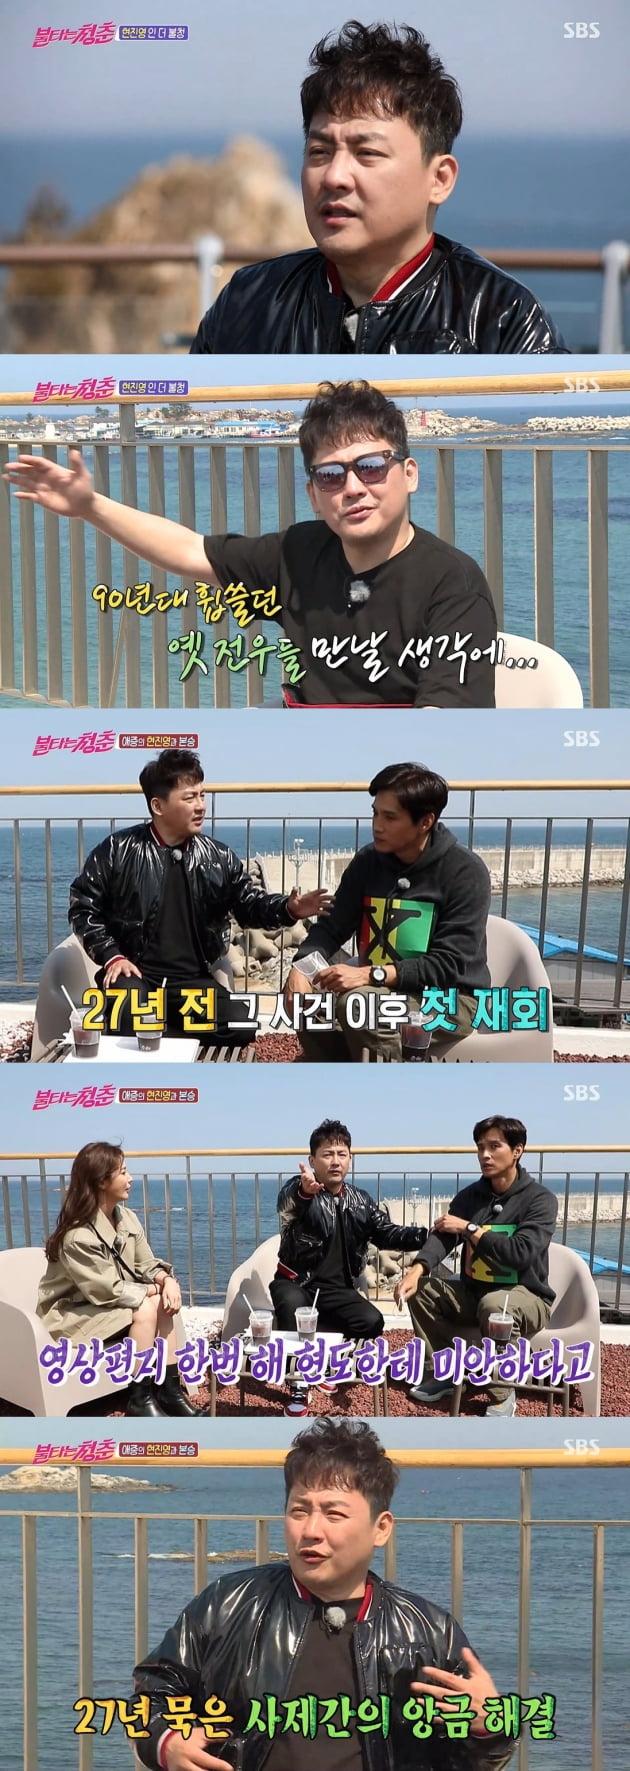 '불타는 청춘' 현진영/ 사진=SBS 캡처